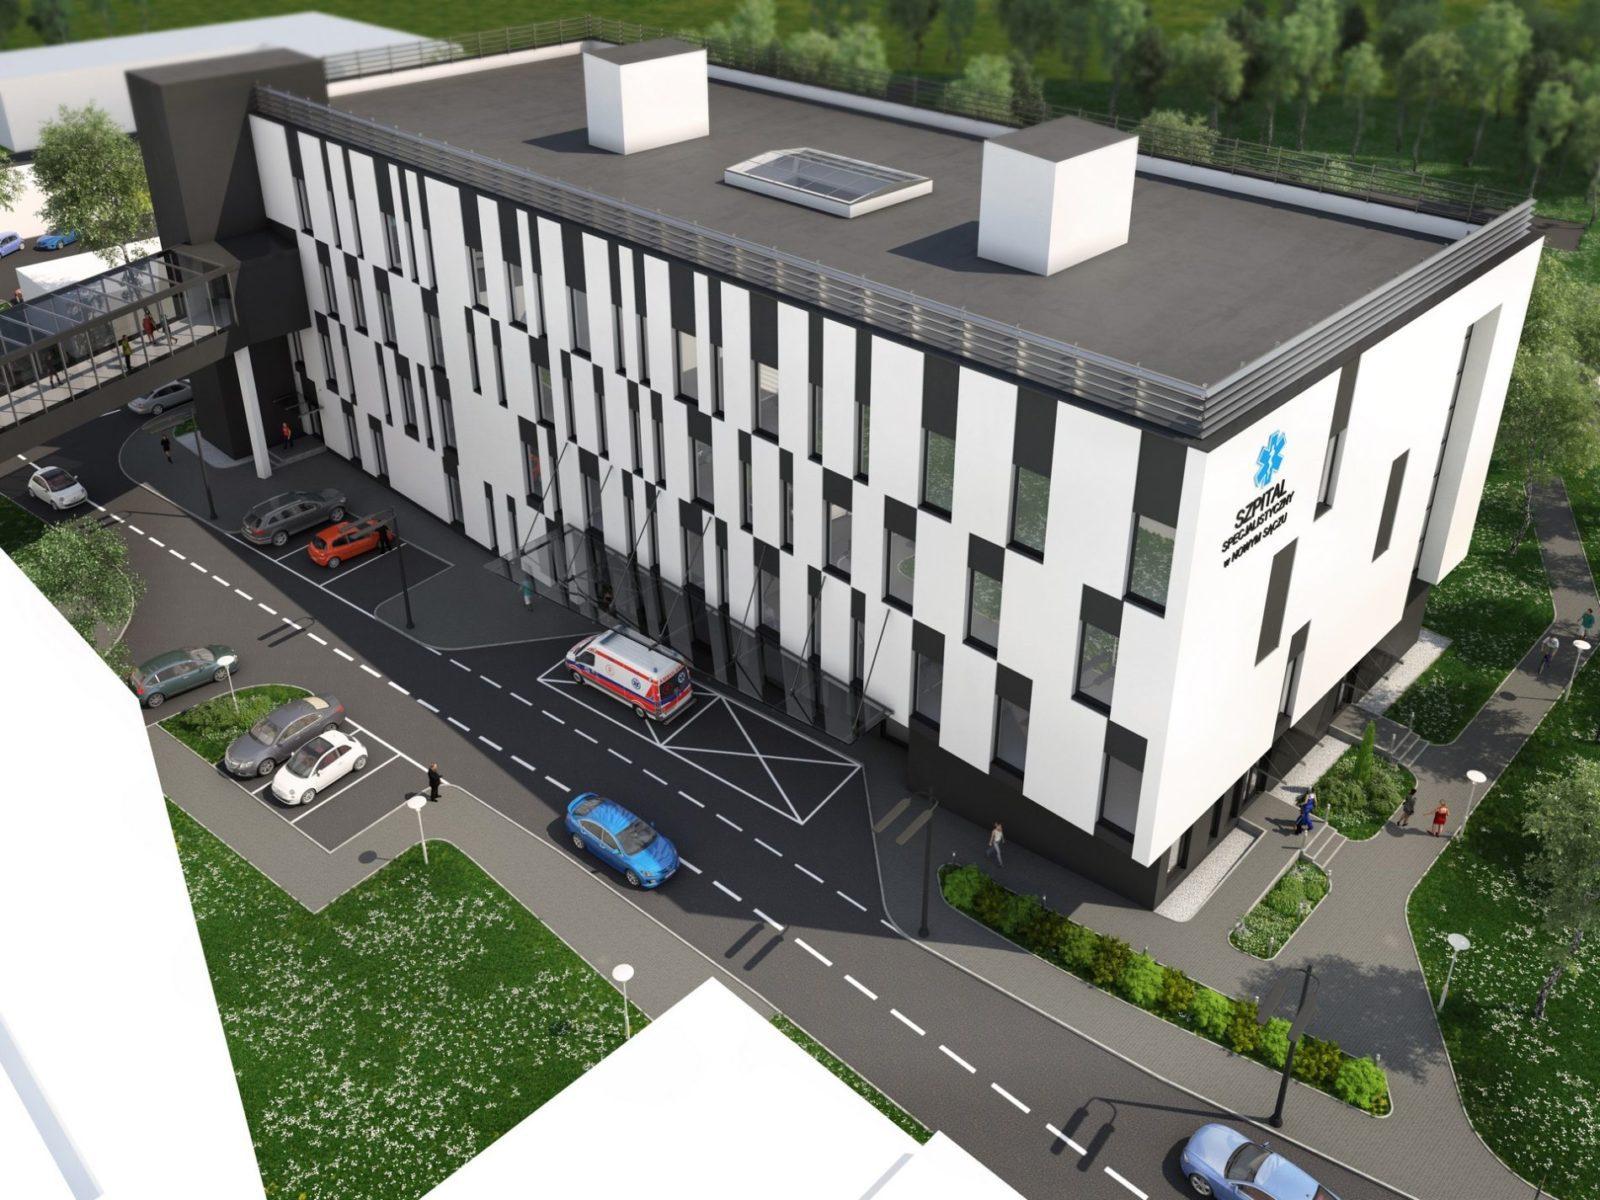 fotorealistyczna wizualizacja szpitalu w Nowym Sączu małopolskie